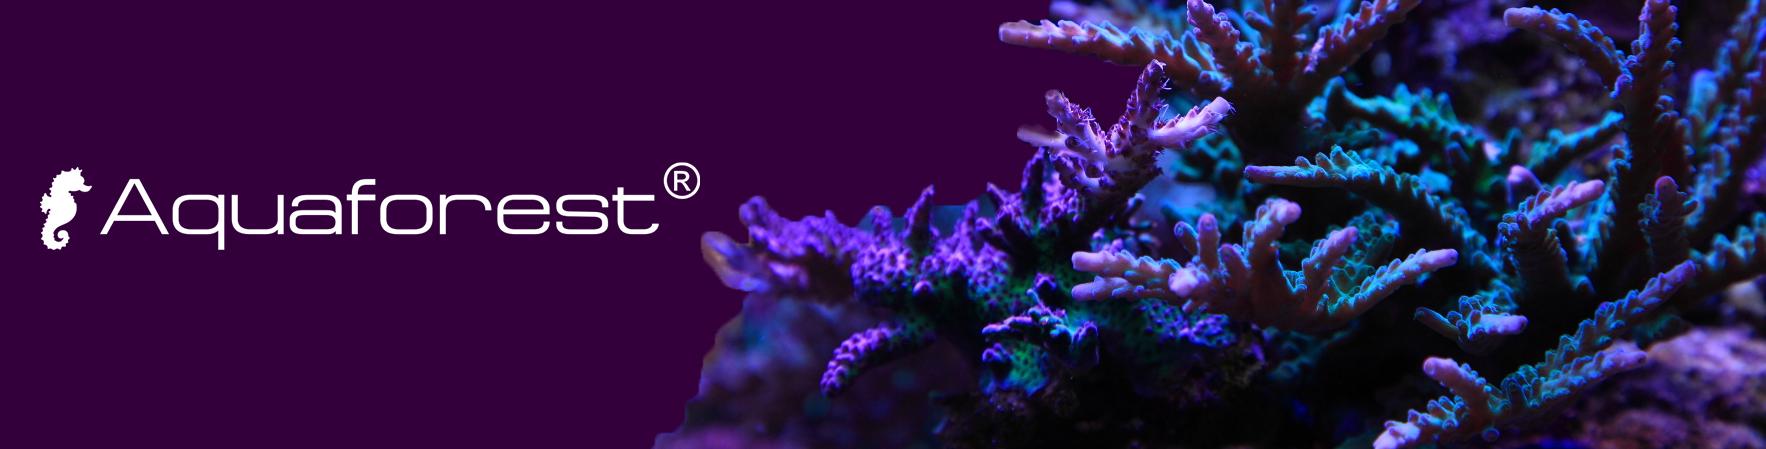 Aquaforest baner